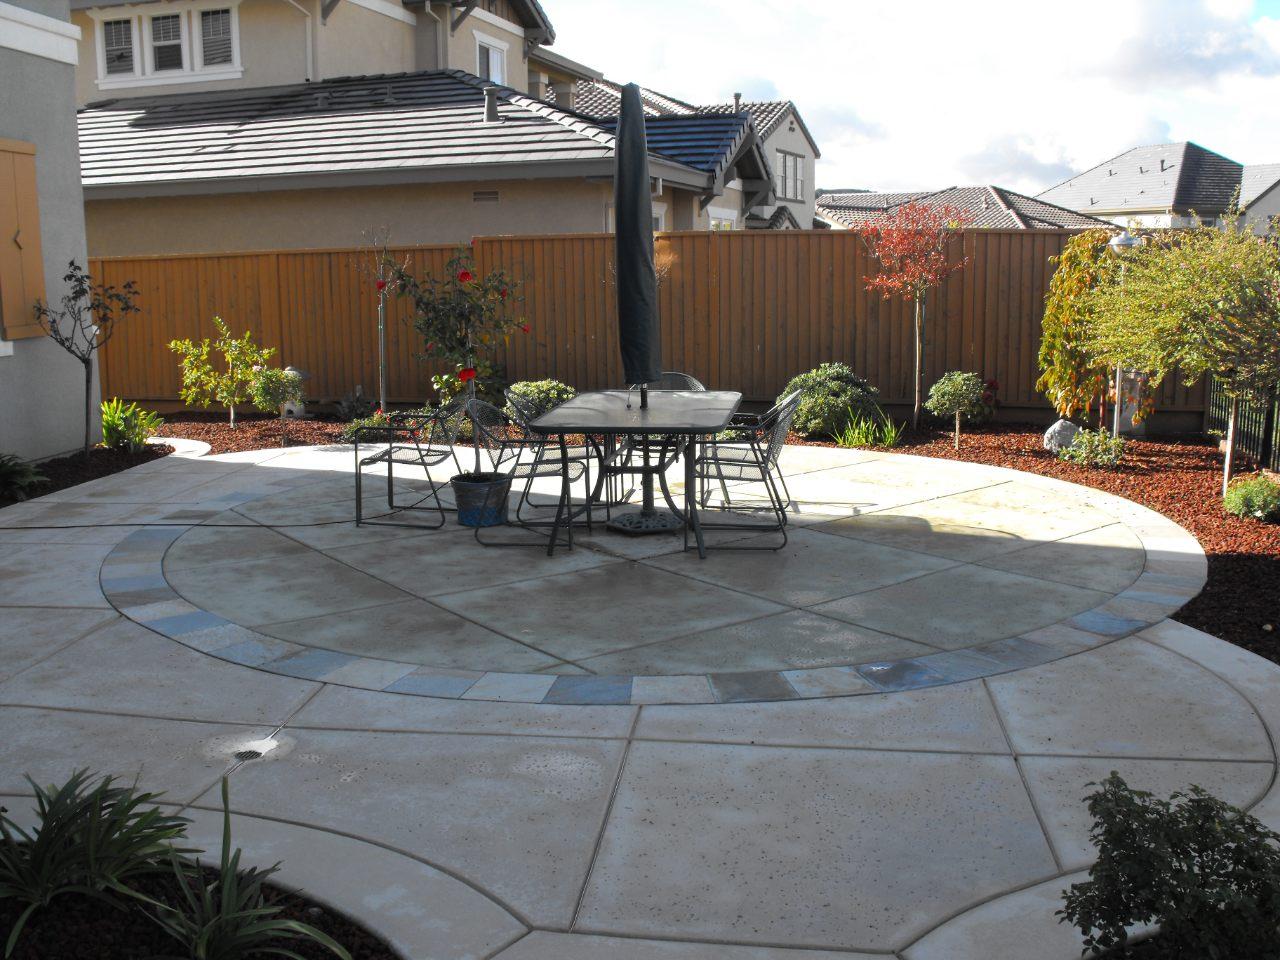 http://www.jennifercravenlandscape.com/wp-content/uploads/2017/03/04-patio-landscape.jpg